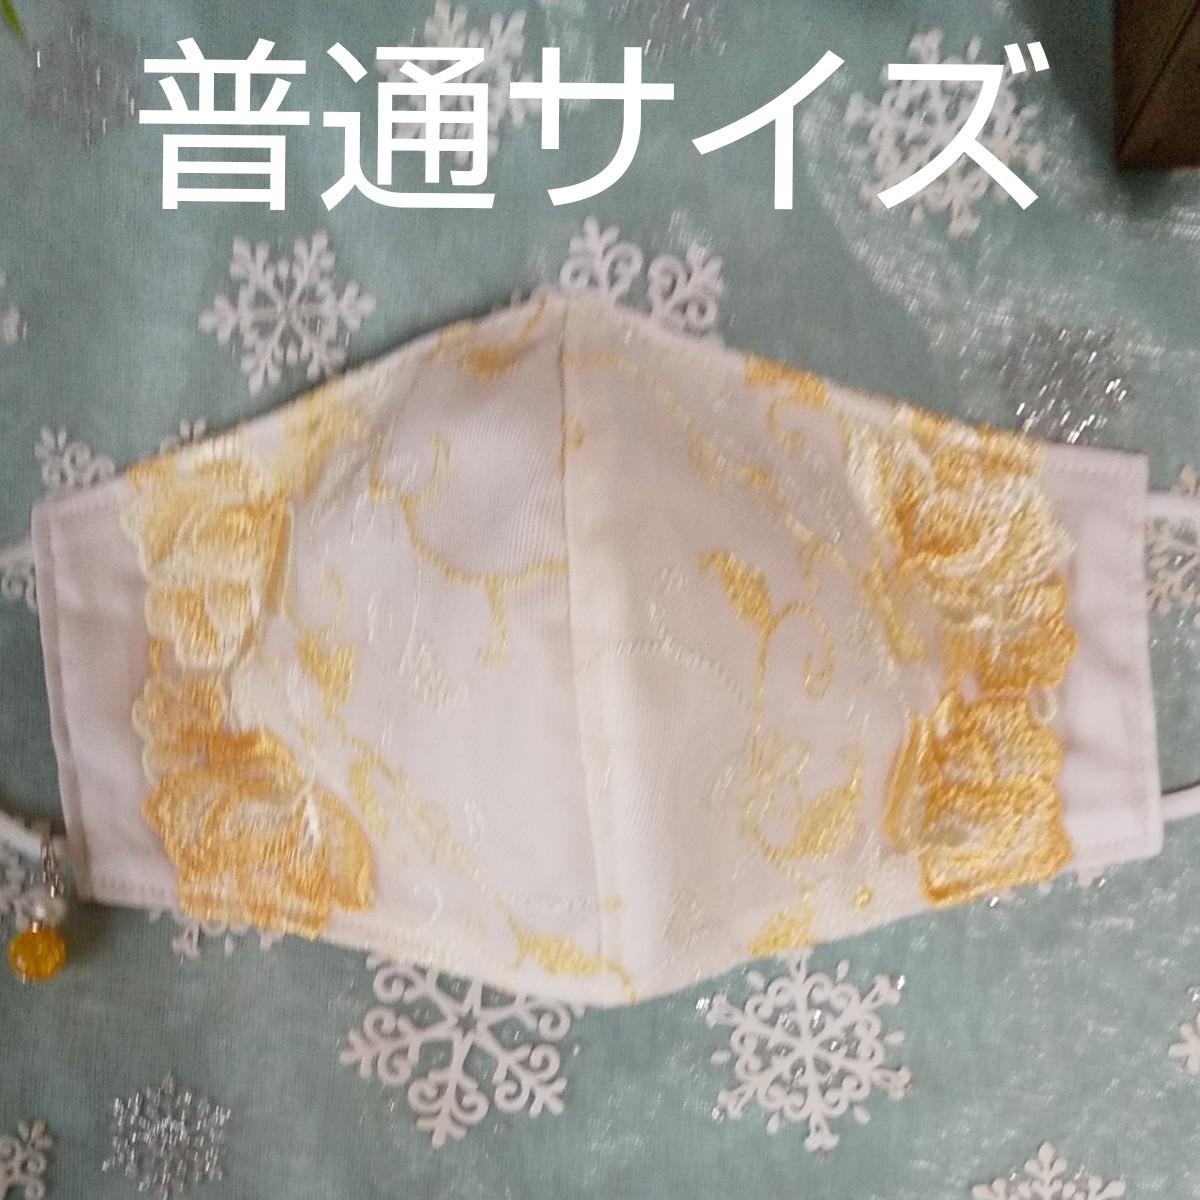 立体インナーハンドメイド、綿ガーゼ、チュール刺繍レース(ホワイト×イエローオレンジ×花柄)(普通サイズ)アジャスター付、チャーム付